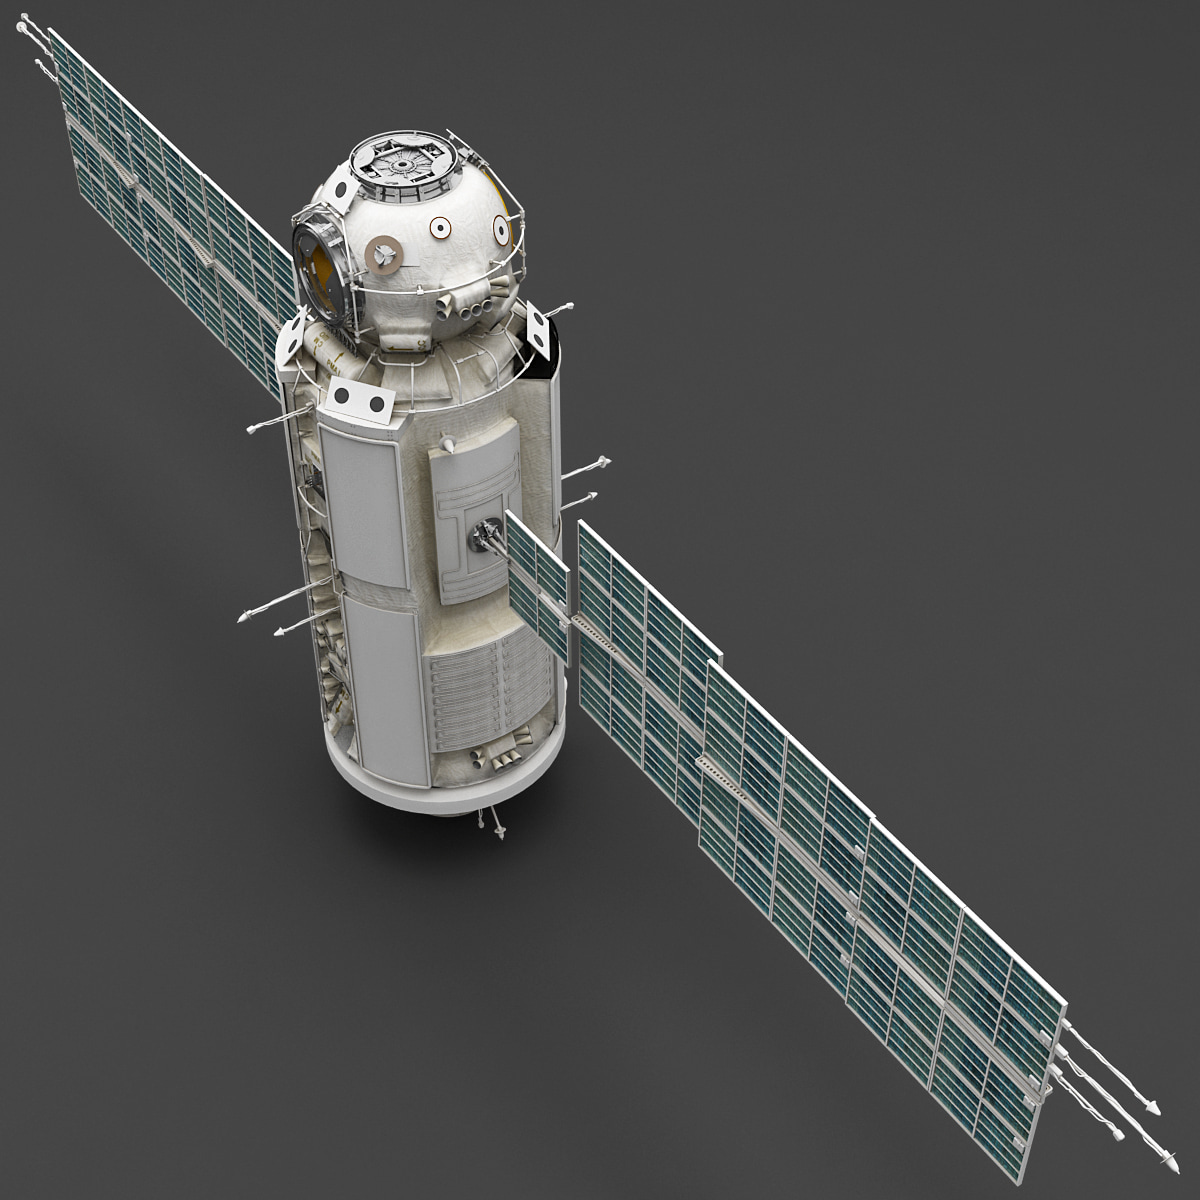 space functional cargo block 3d model